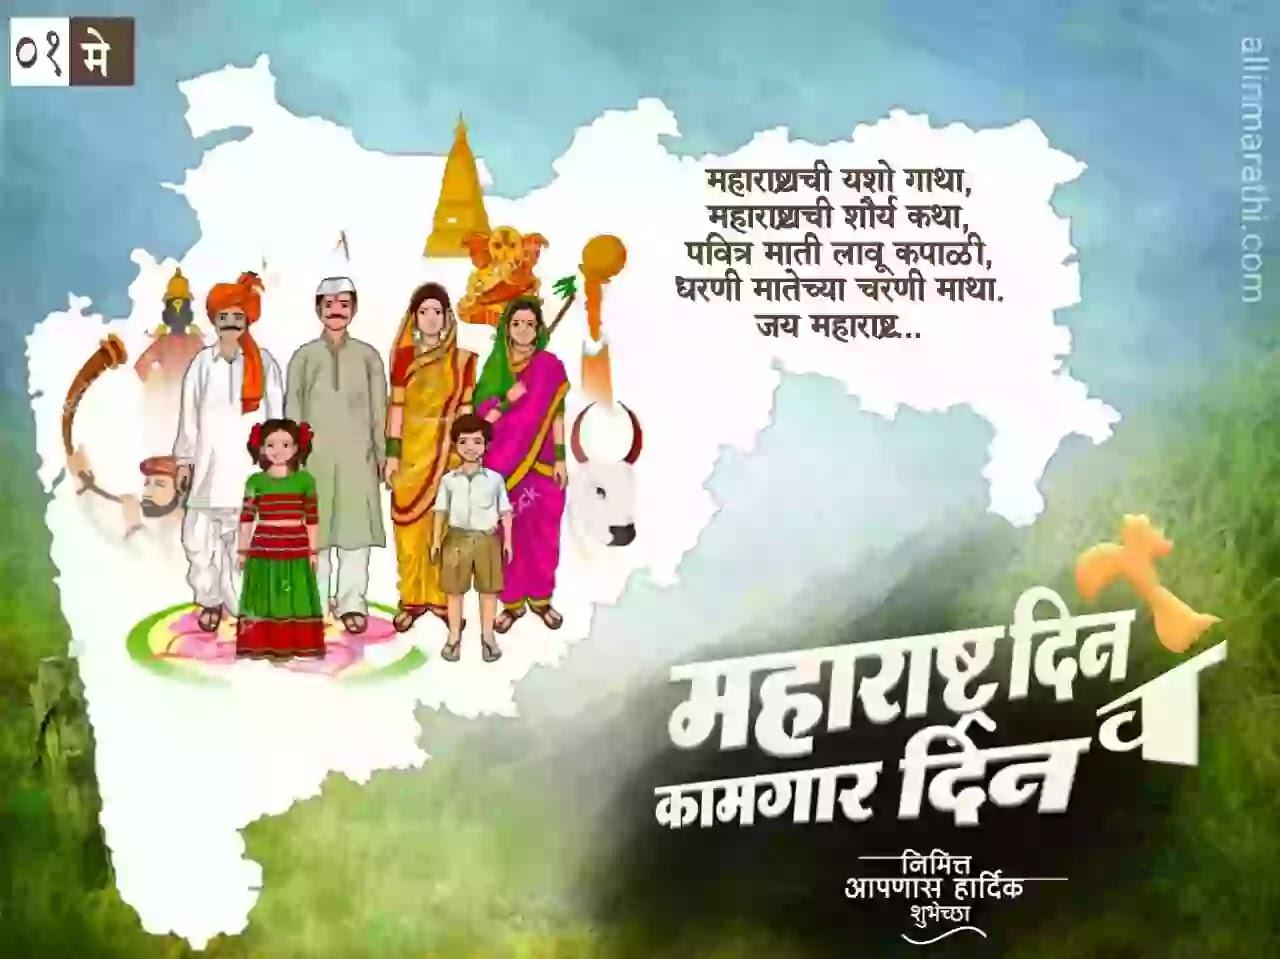 Maharashtra-din-images-marathi